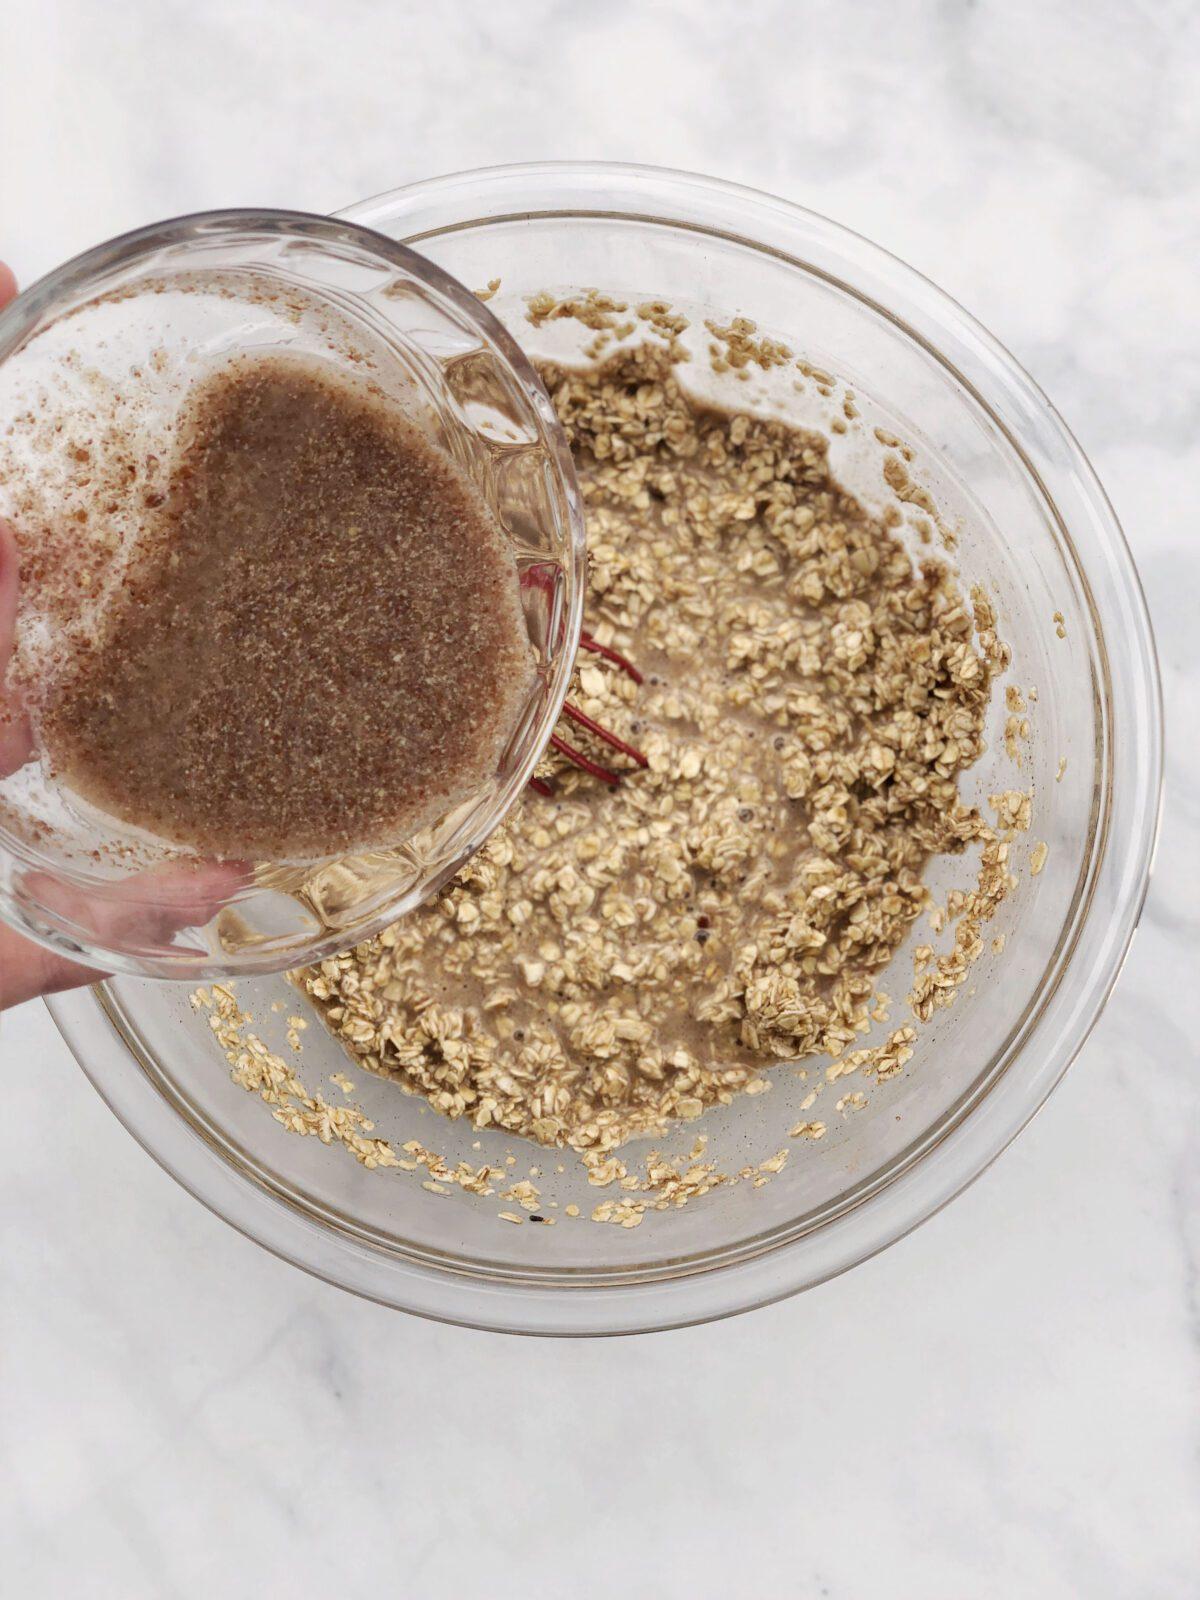 Flax-Egg-Dairy-Free-Oatmeal-Bars